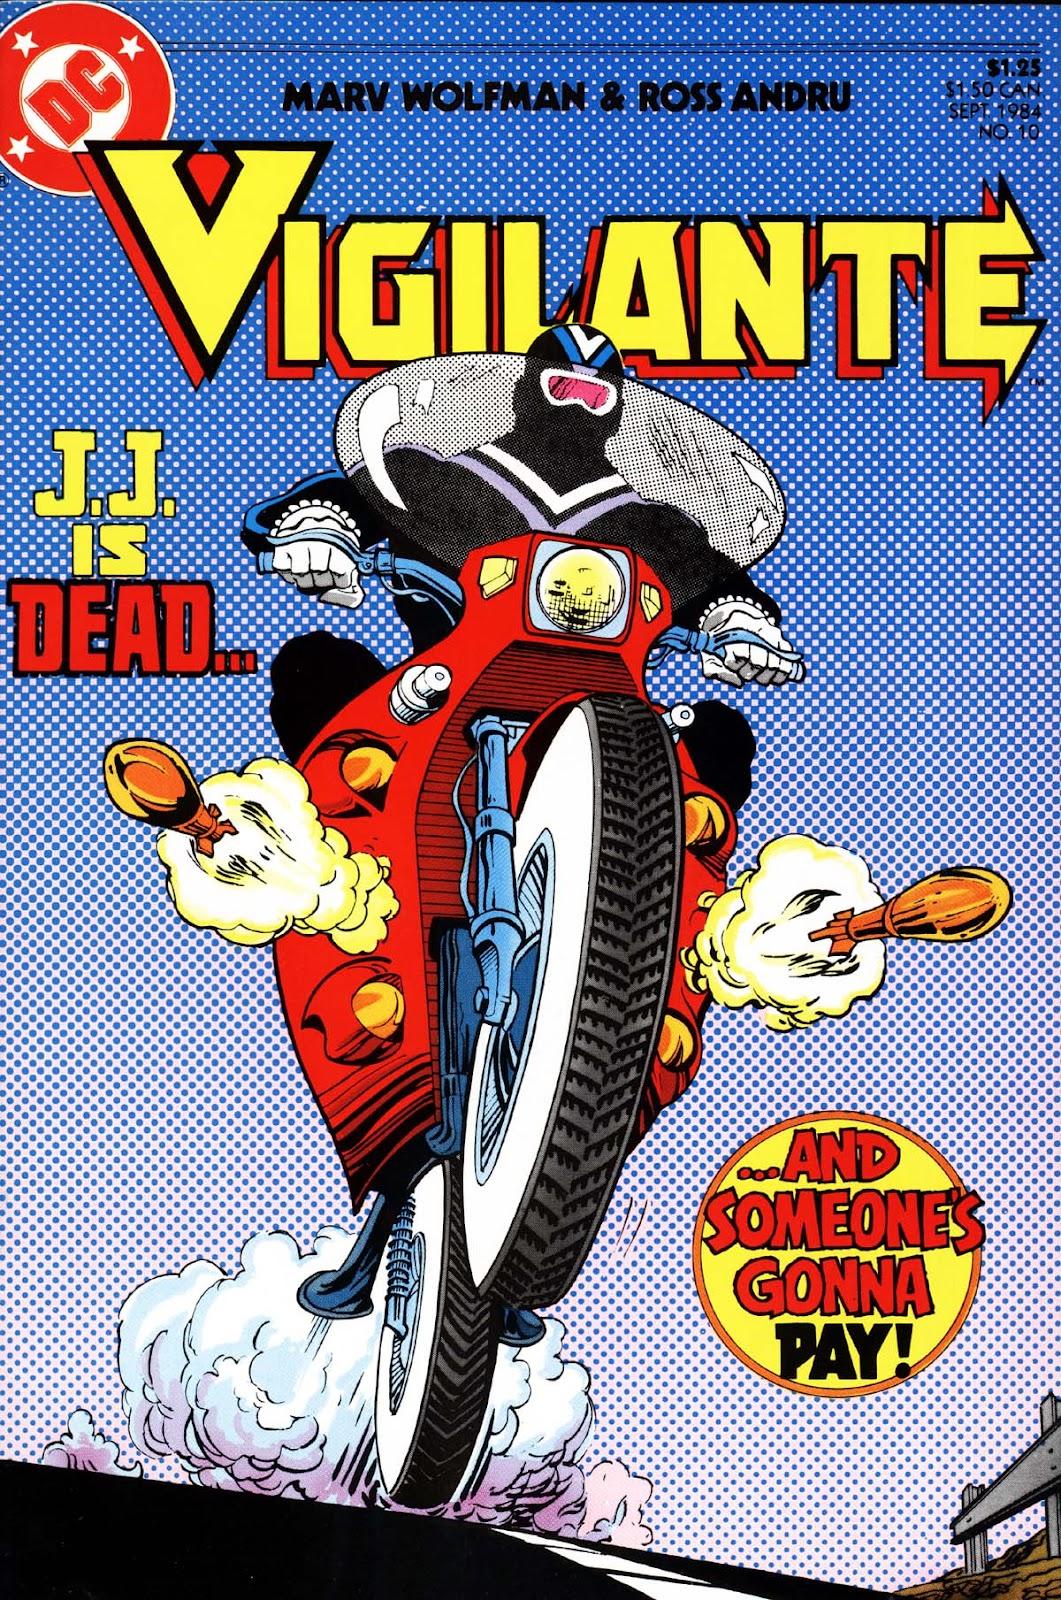 Vigilante (1983) issue 10 - Page 1